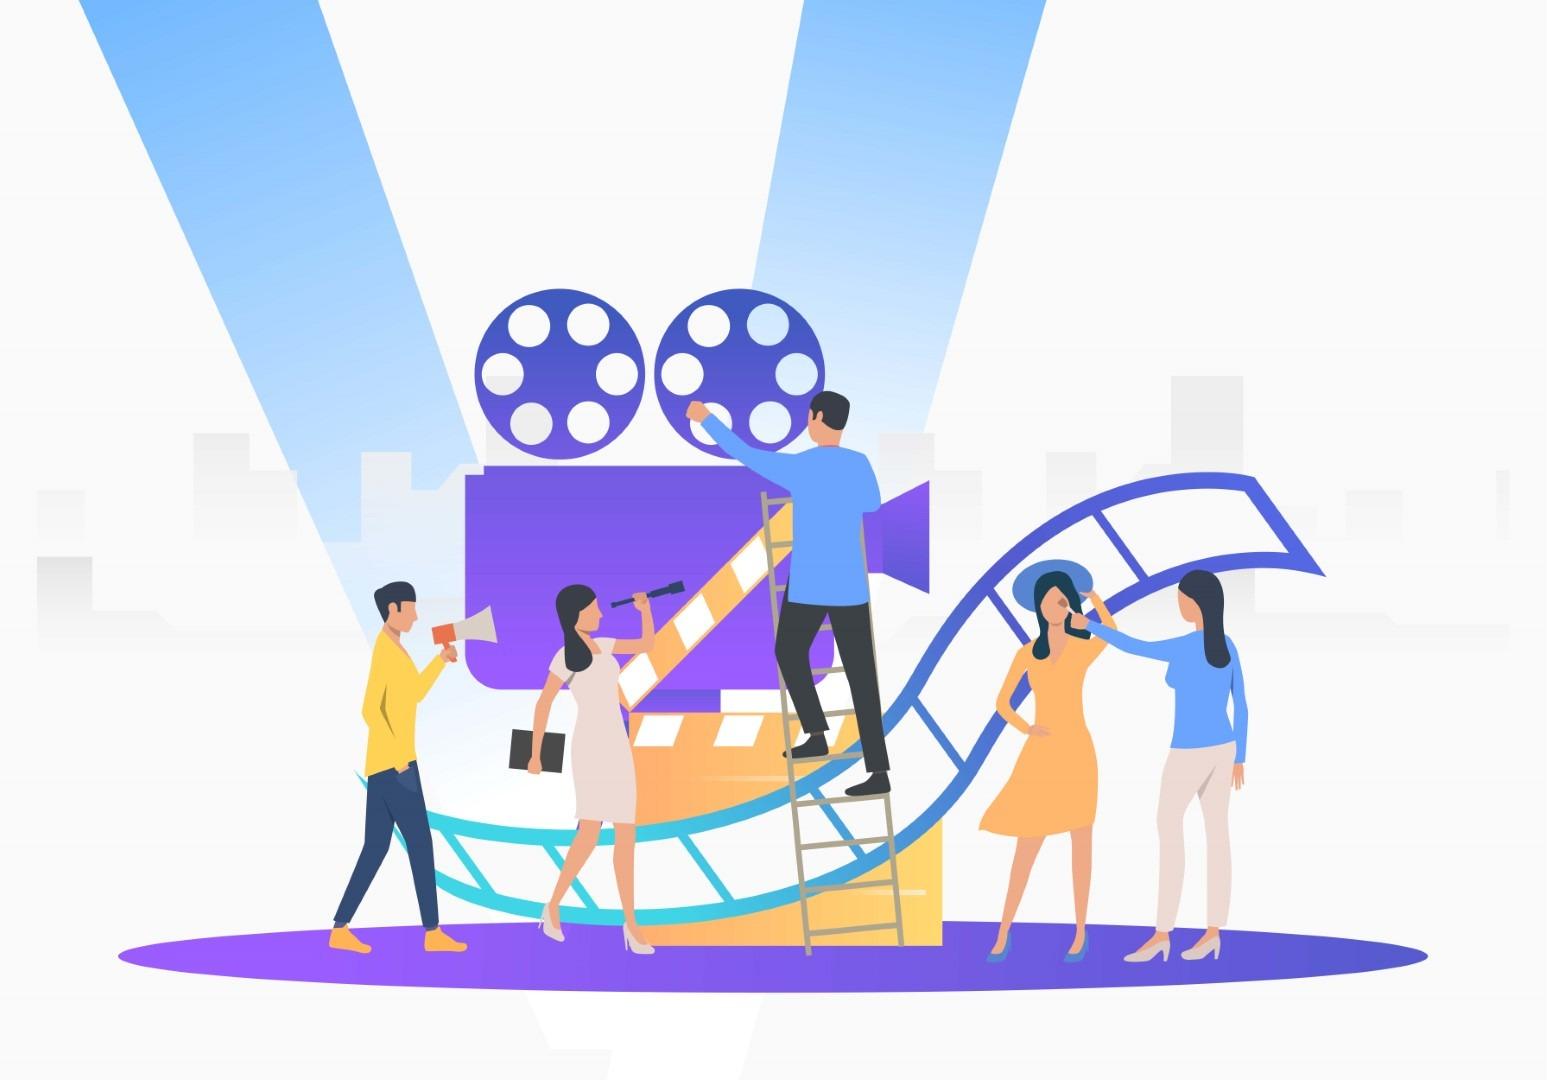 קולנוע וטלויזיה